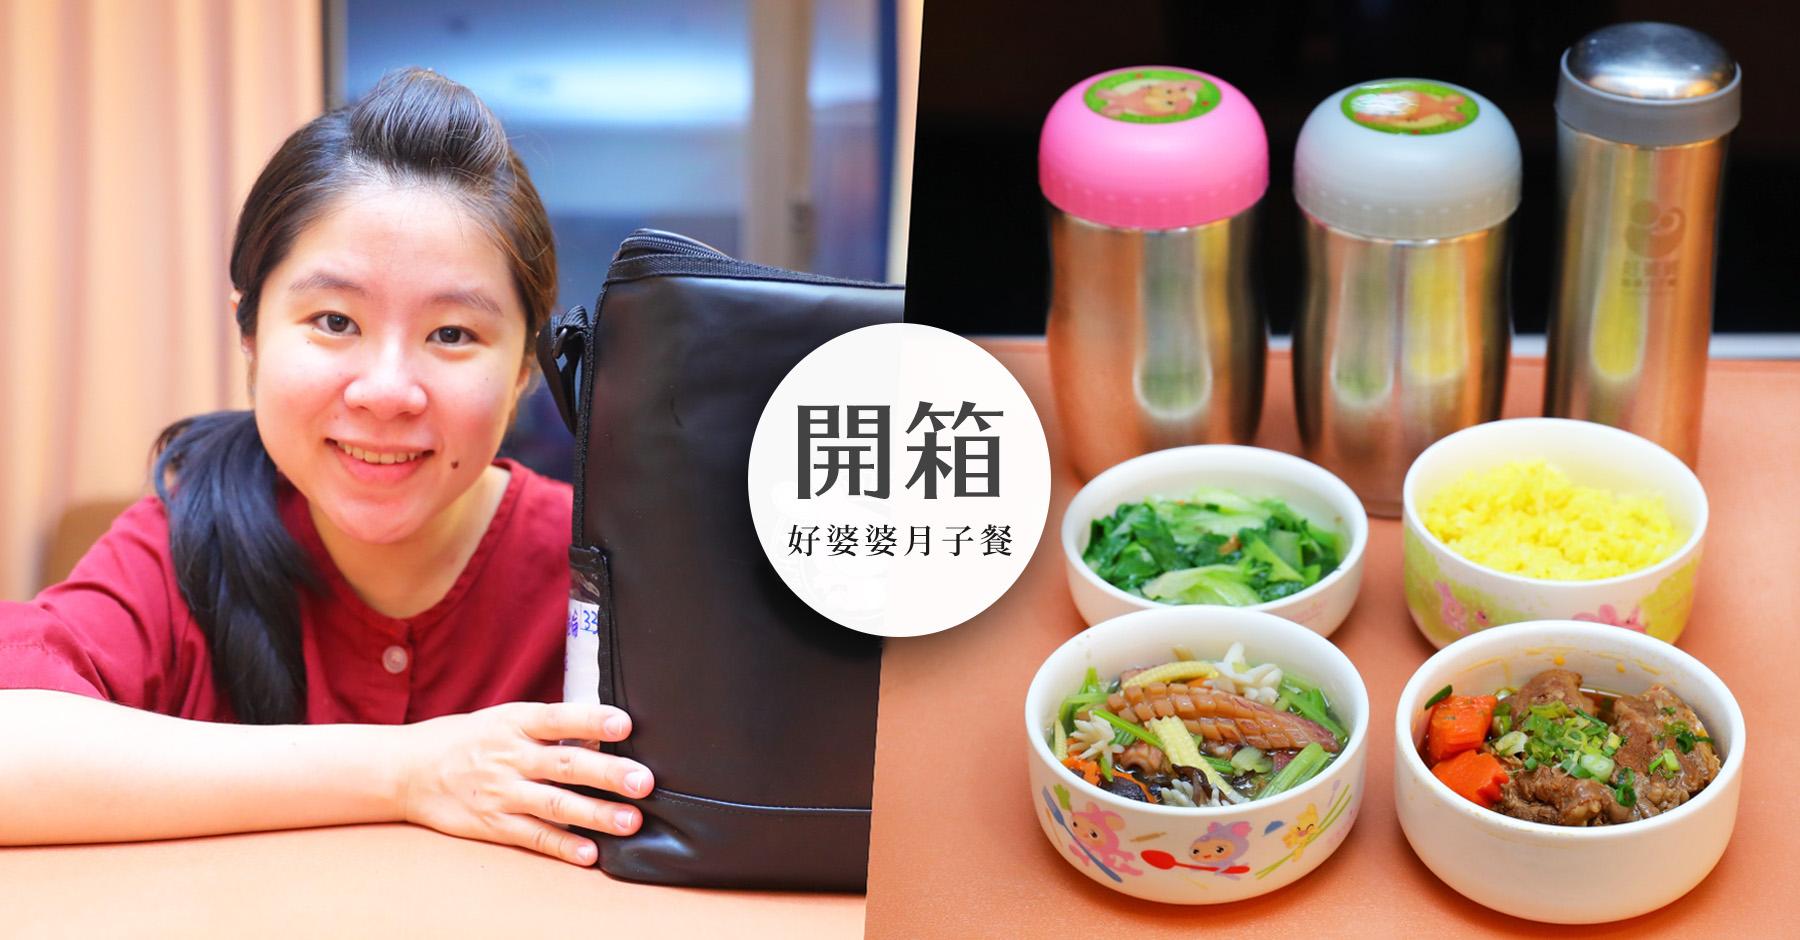 月子餐推薦 好婆婆月子餐 開箱第一週醫院月子餐價格多少錢外送菜單菜色食譜